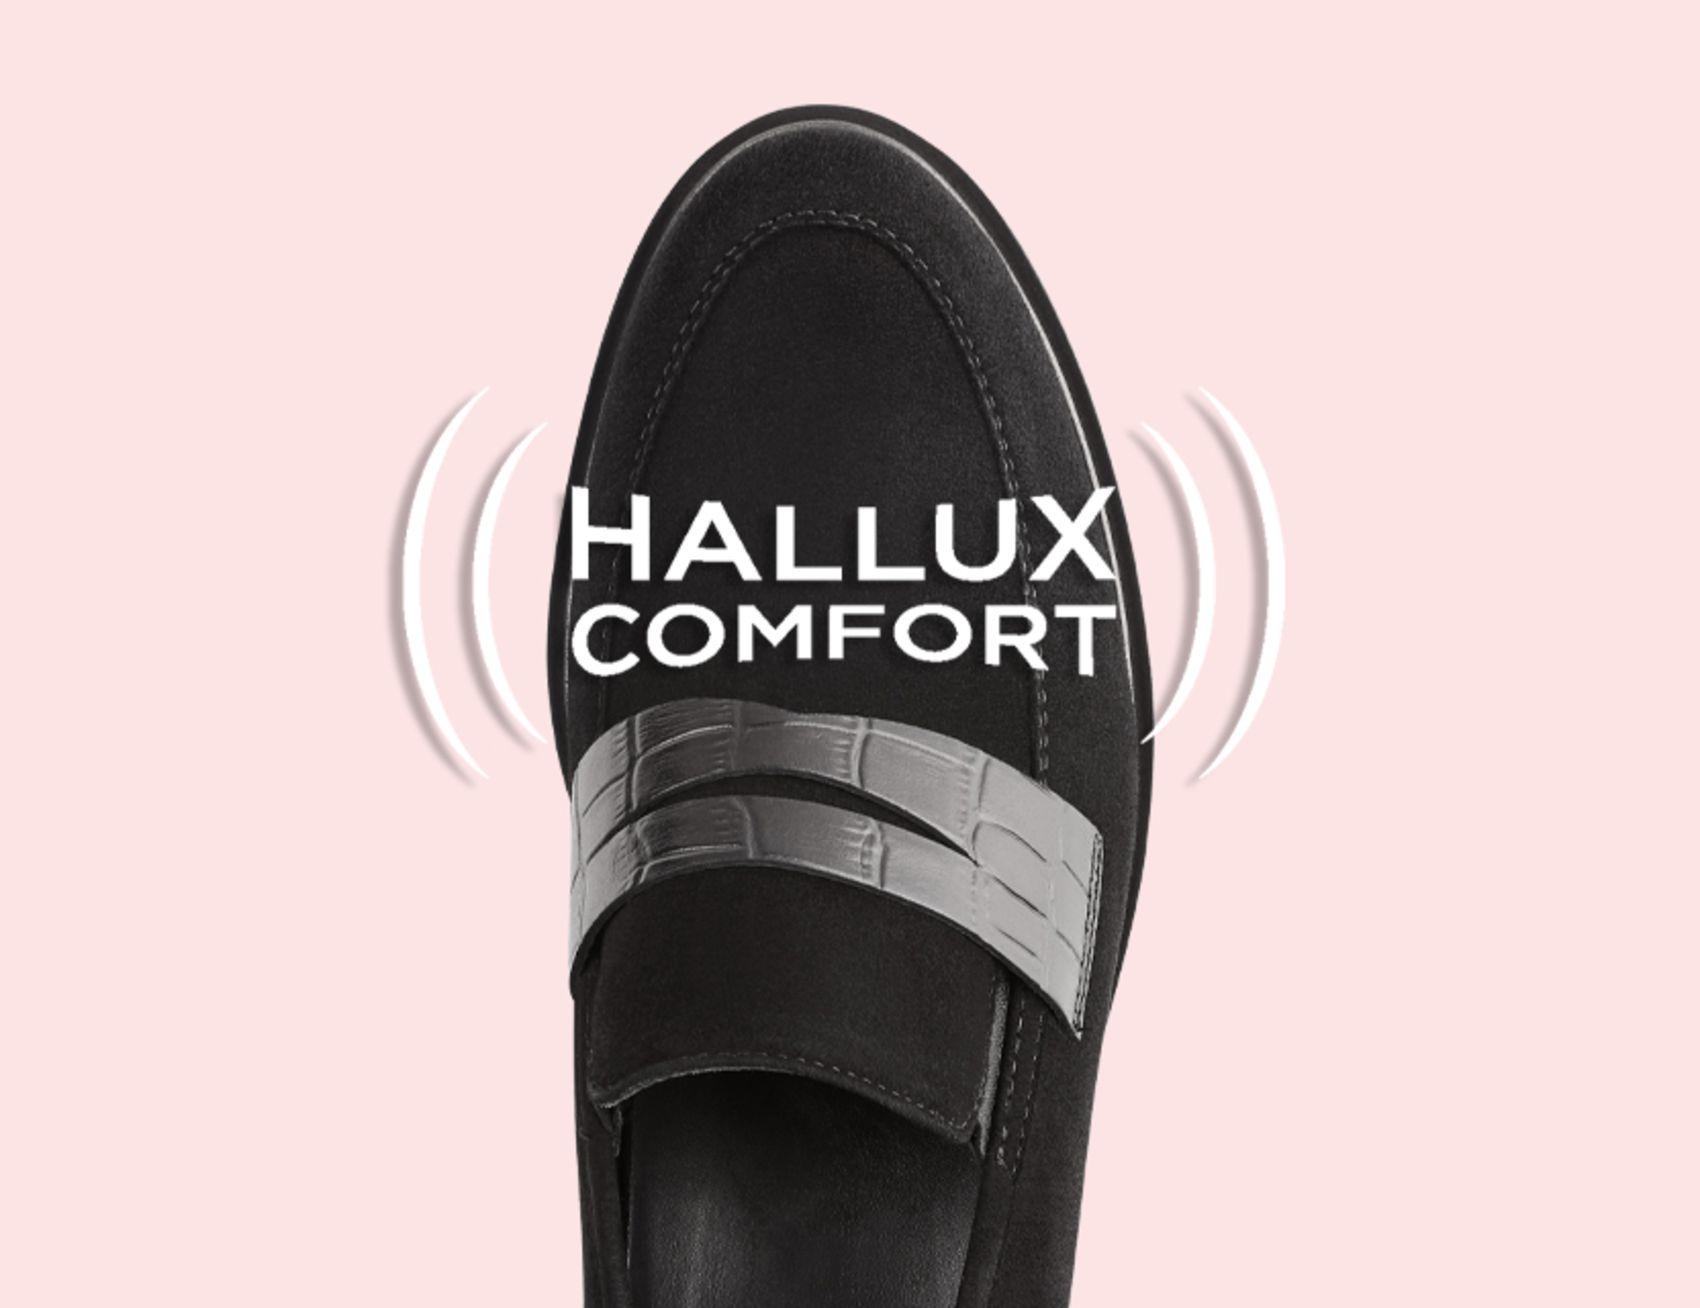 Erfahren Sie das Geheimnis der Hallux Comfort-Stretchzonen von LaShoe